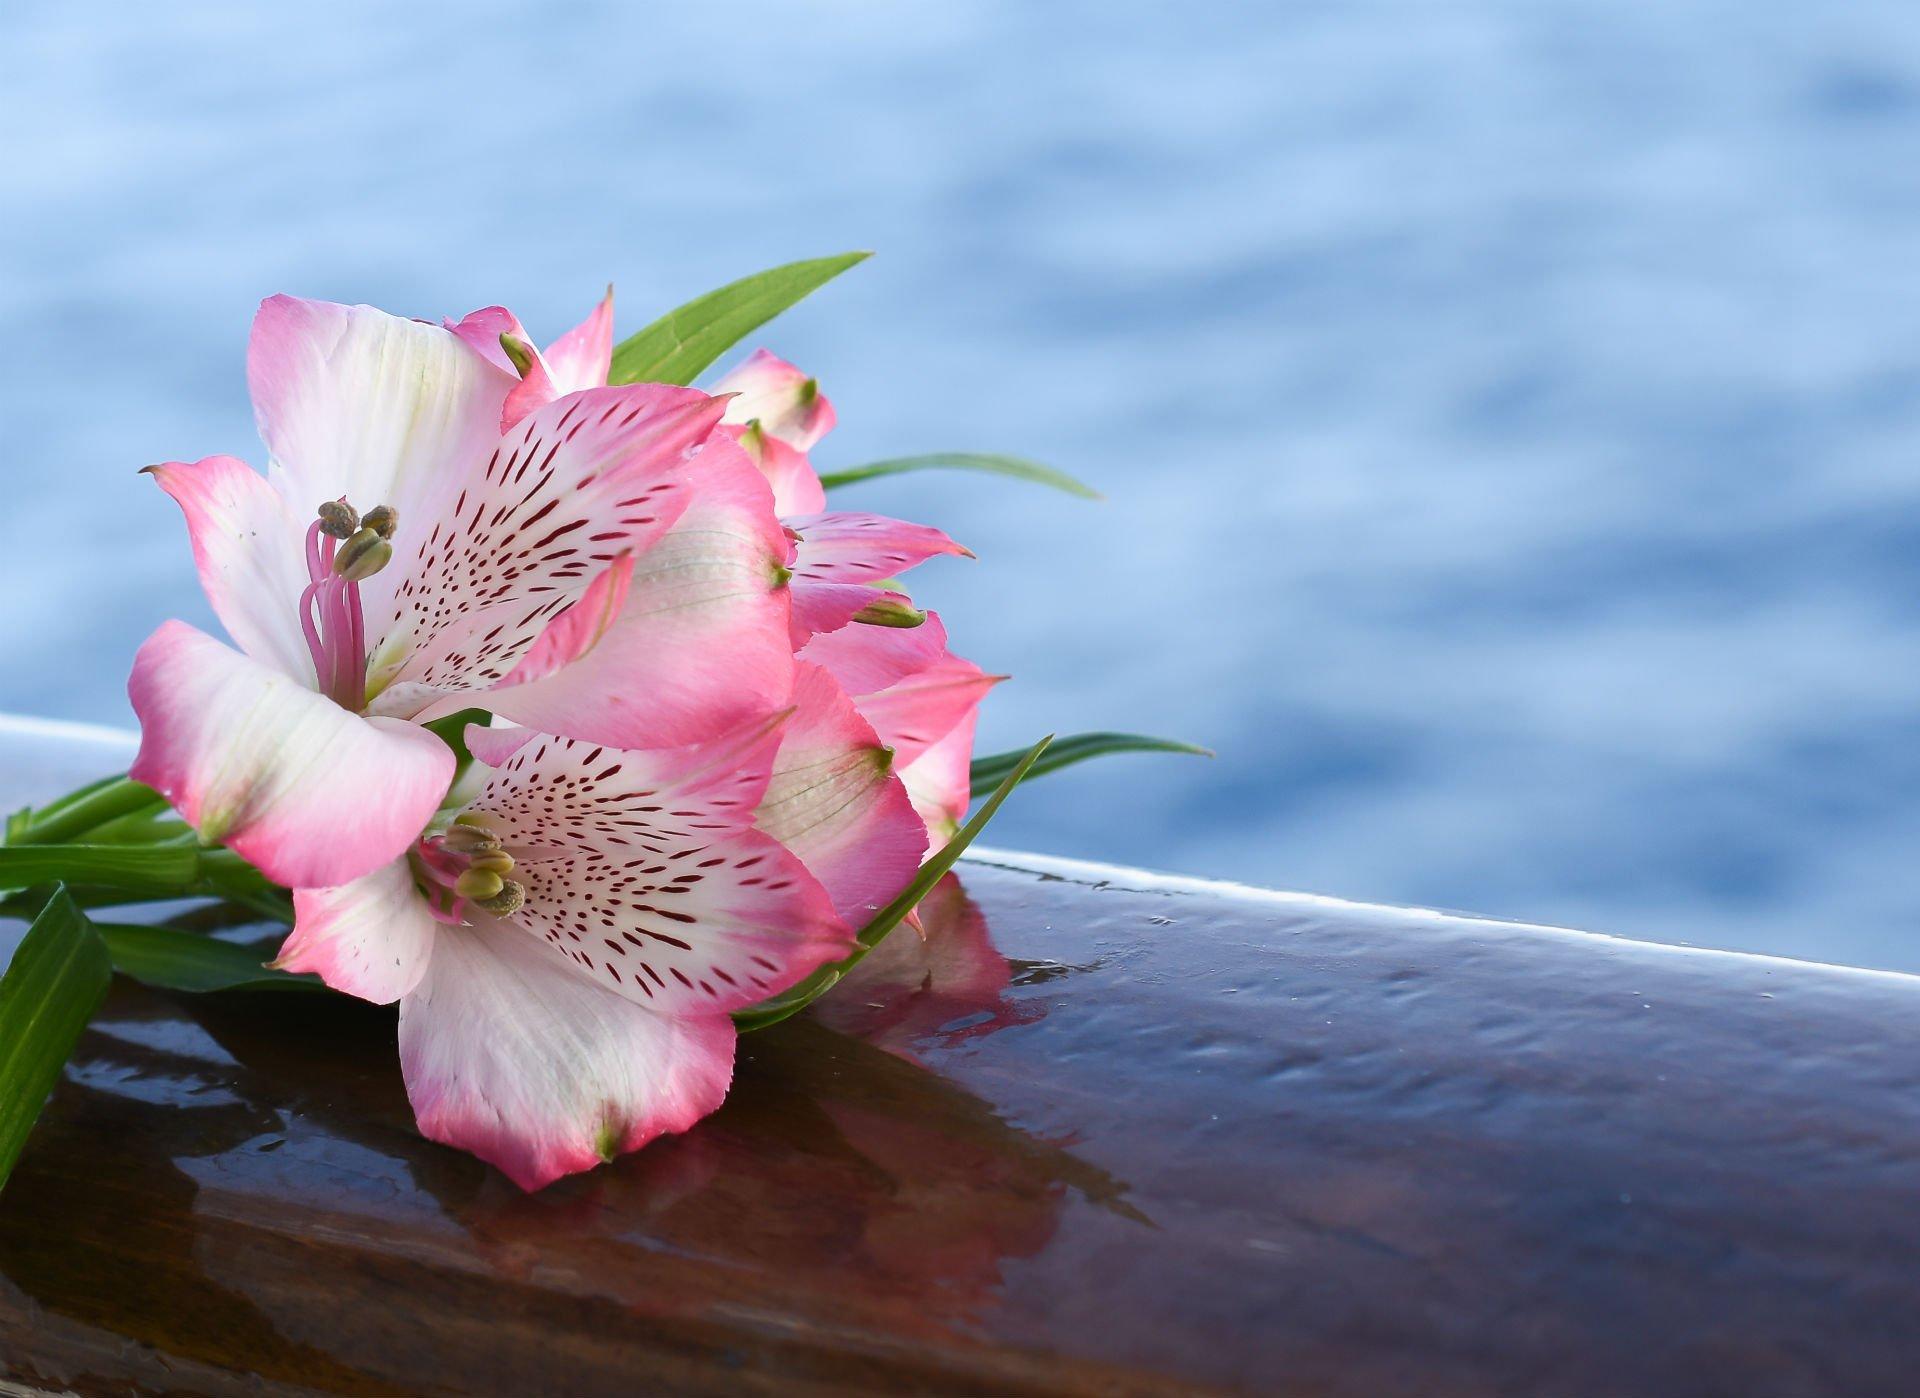 un fiore rosa e bianco